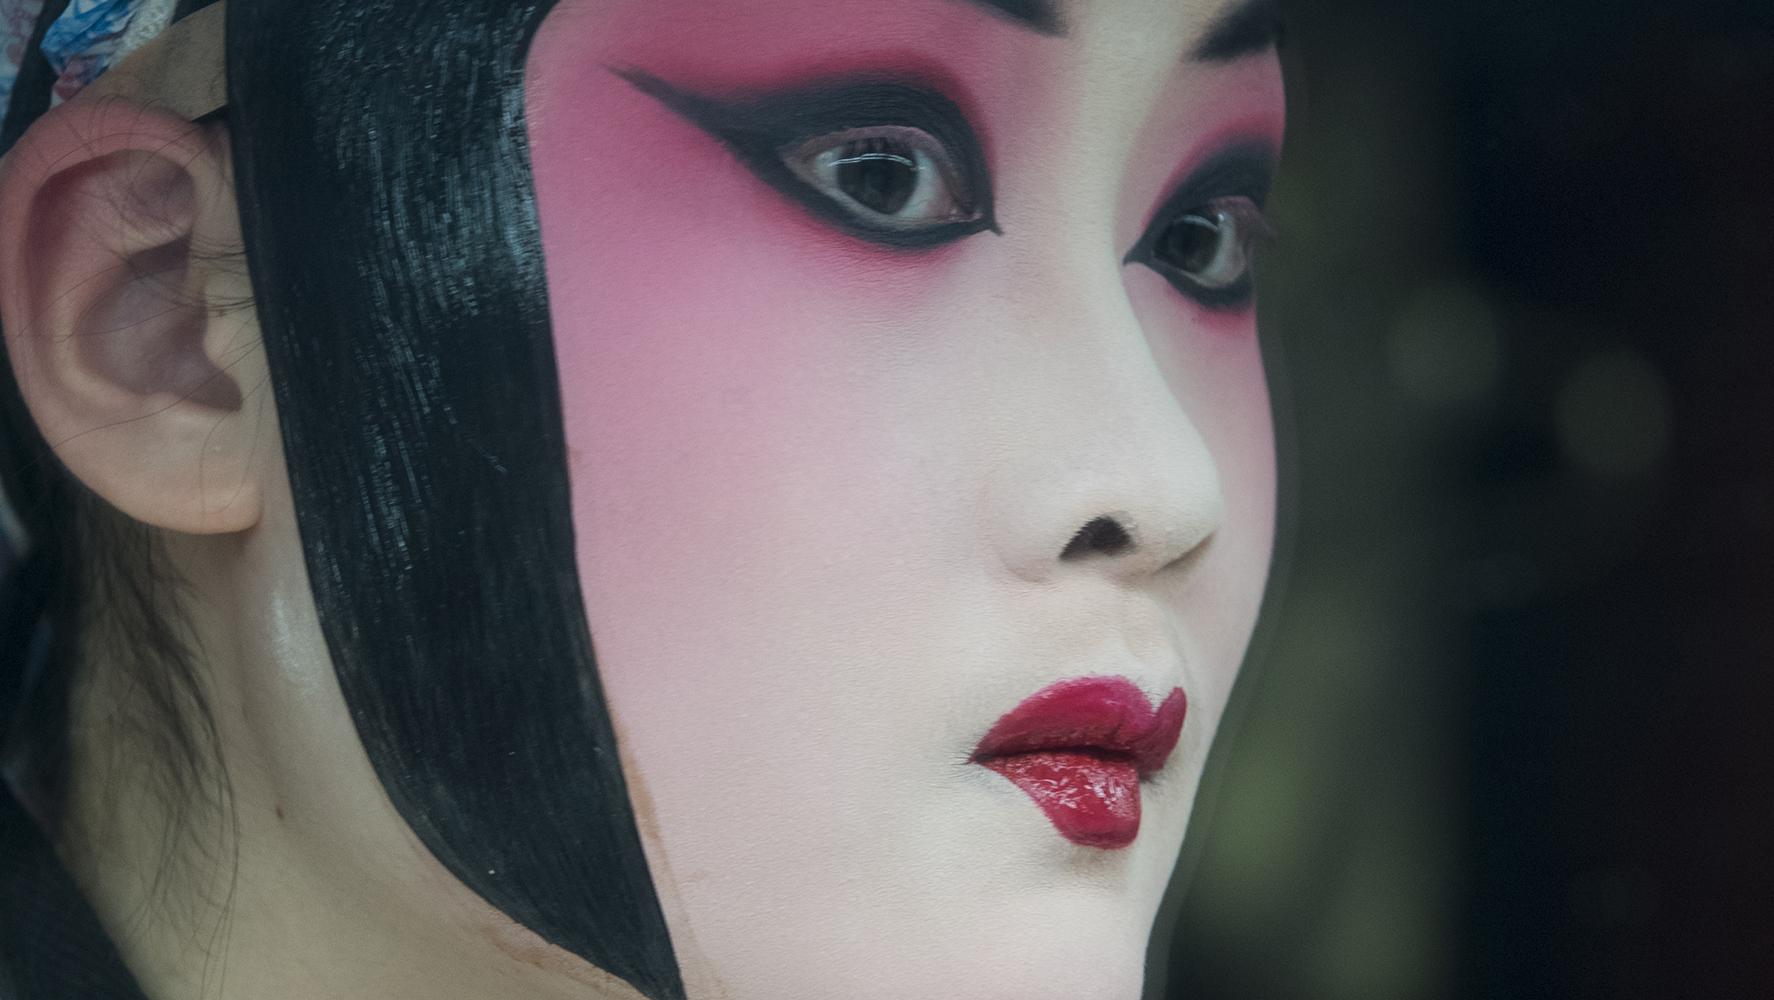 Pekin Opera artist